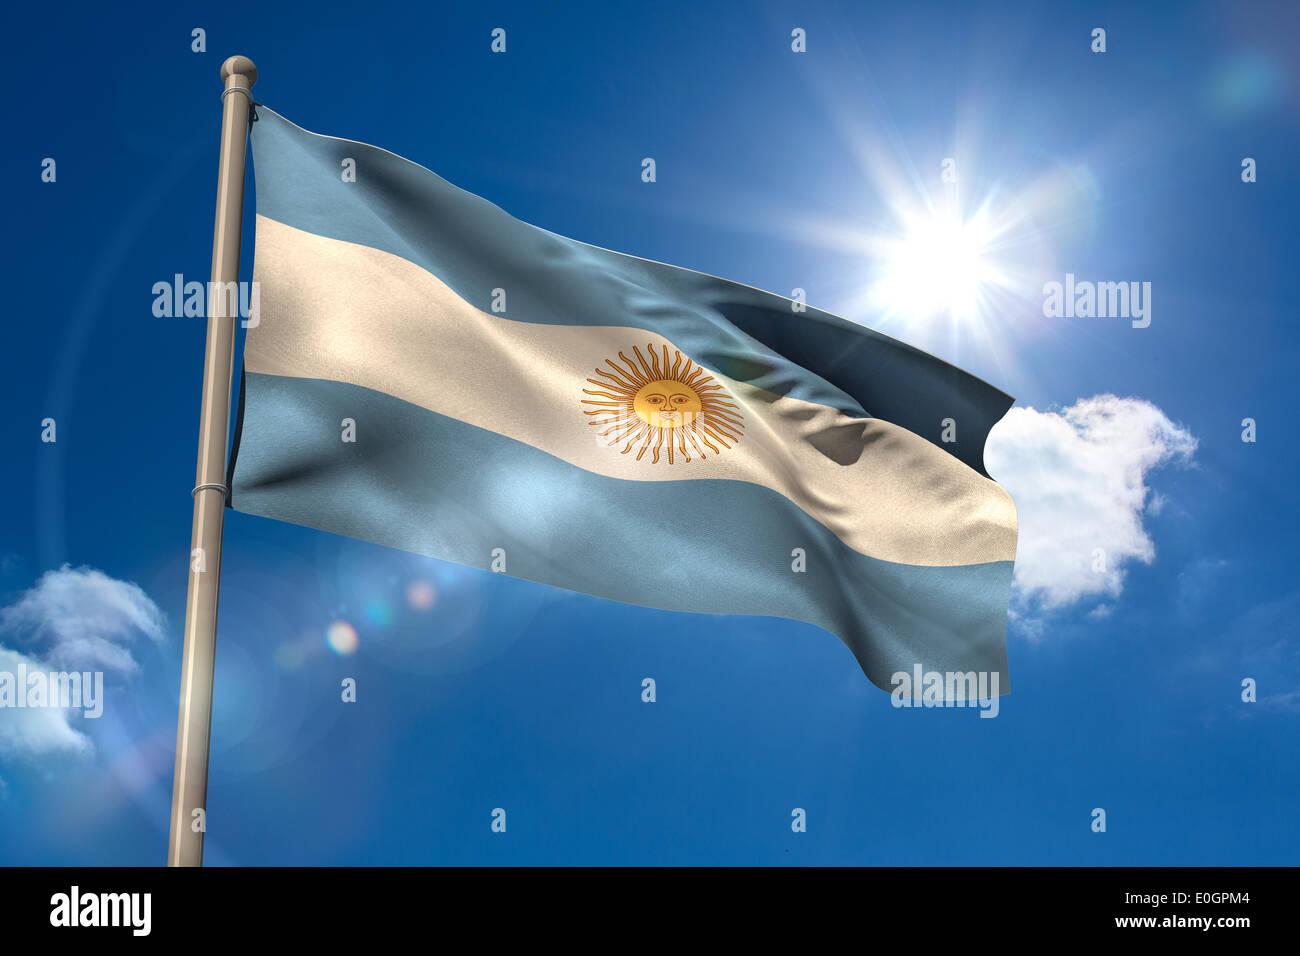 Argentina national flag on flagpole - Stock Image